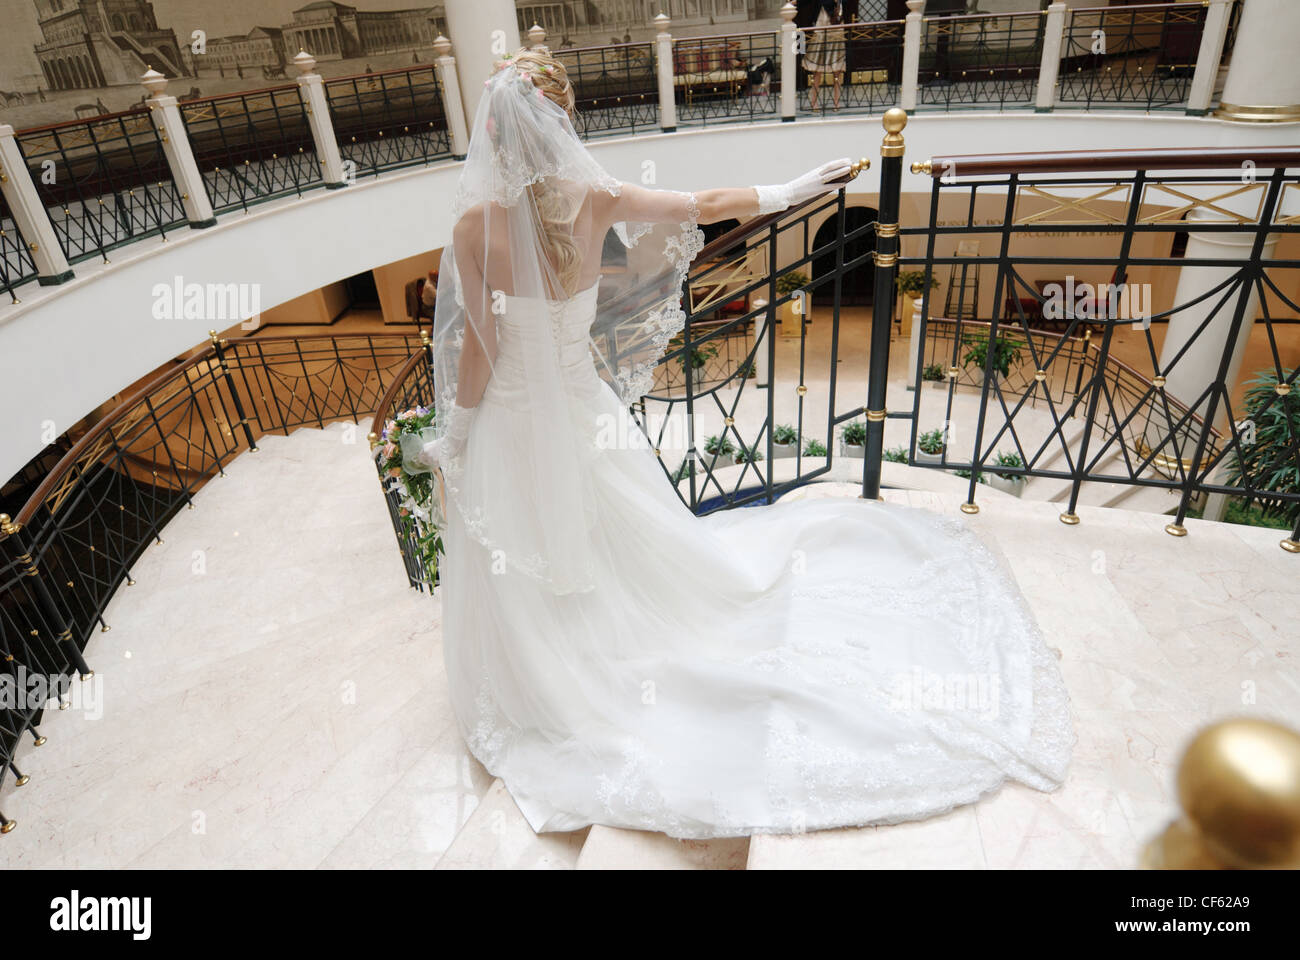 Braut Im Schonen Hochzeitskleid Steht Auf Breite Treppe Sicht Nach